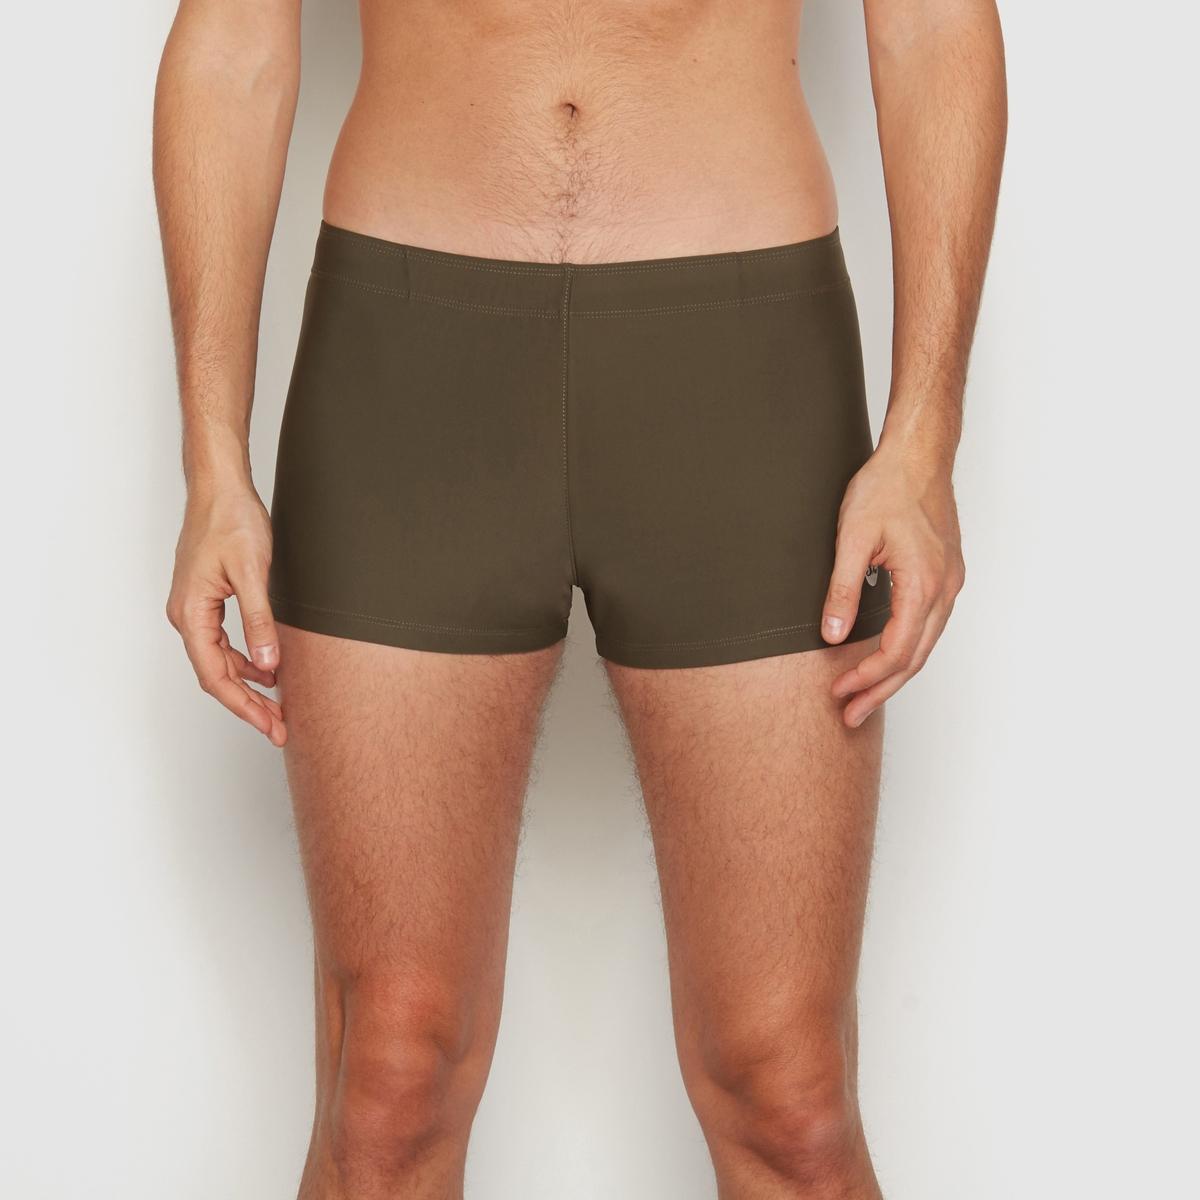 Трусы-шорты облегающиеСостав и описание :Материал : 84% полиамида, 16% эластана.     УходМашинная стирка при 30 °С<br><br>Цвет: хаки,черный